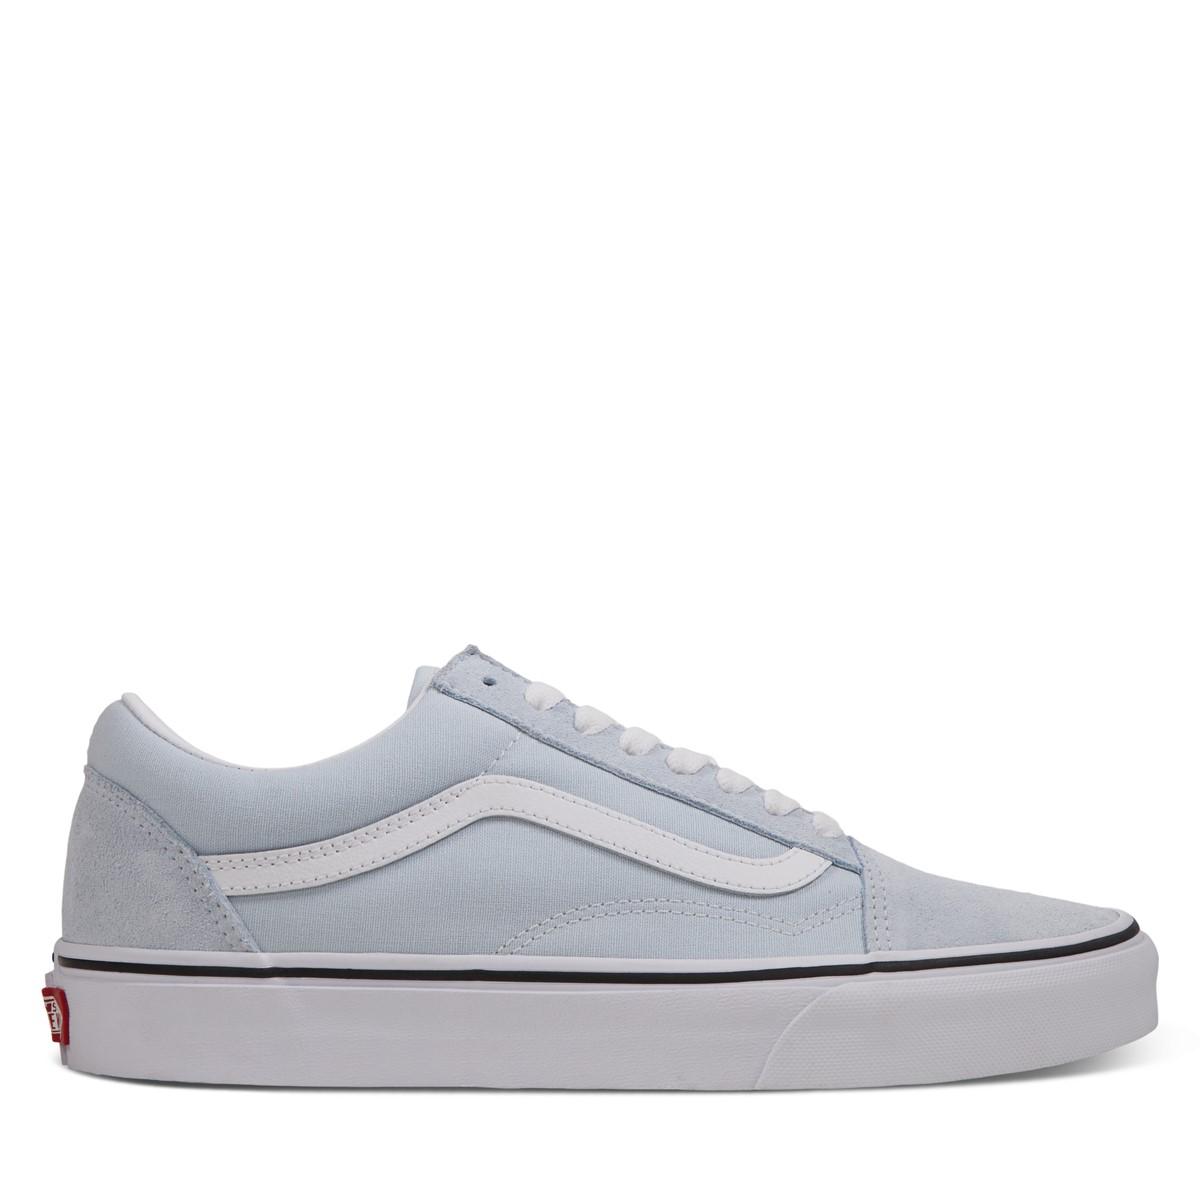 Old Skool Sneakers in Light blue